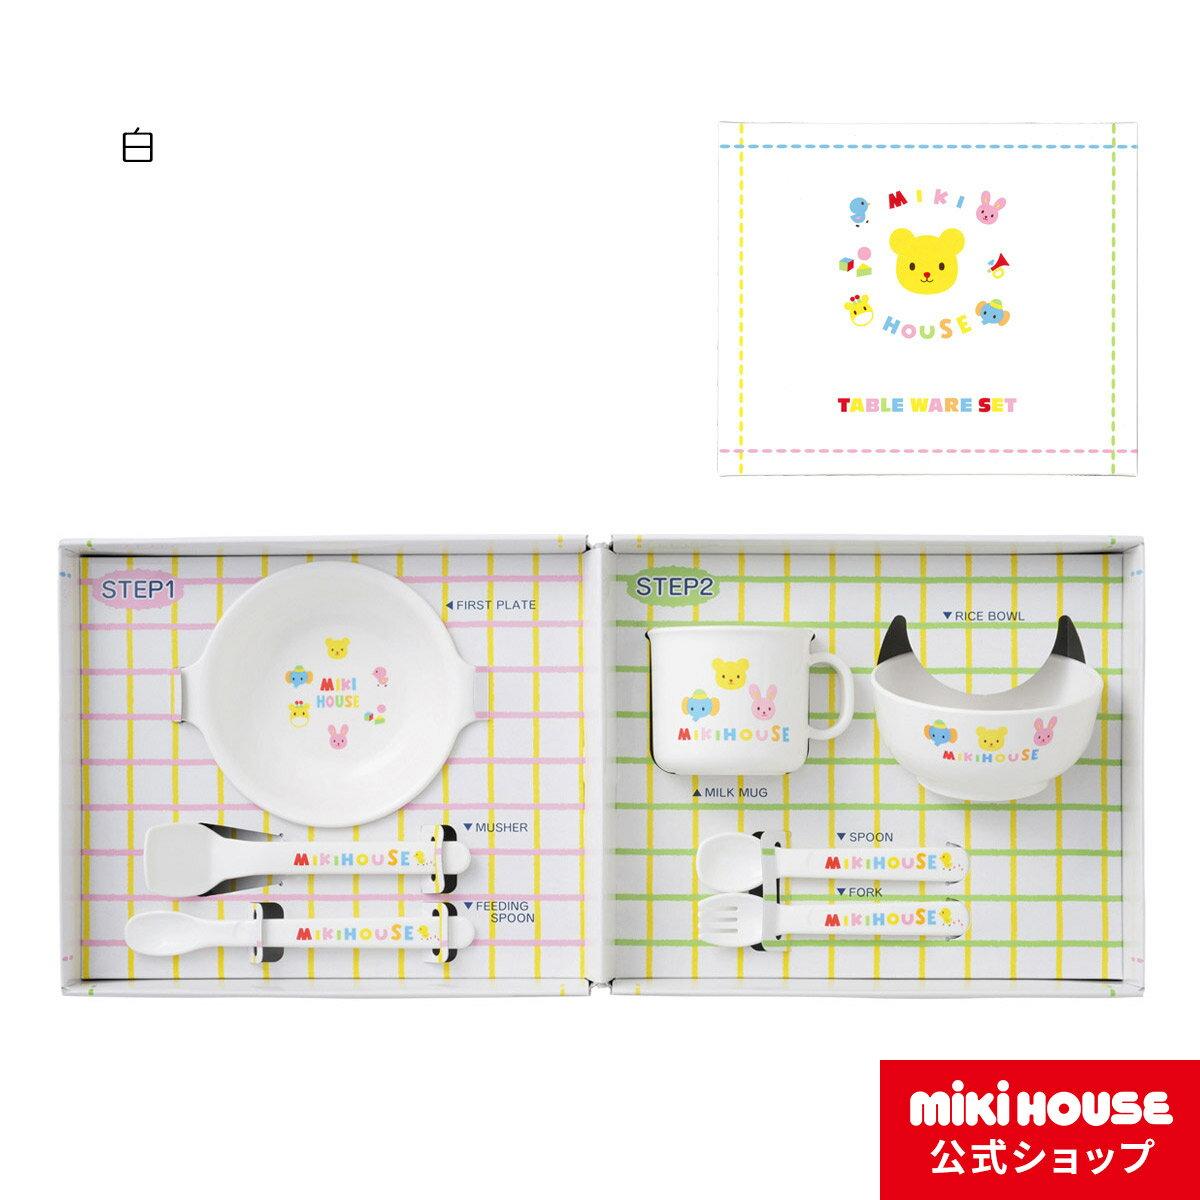 ミキハウス mikihouse 出産祝い ギフト におすすめ テーブルウェアミニセット【ミキハウス(MIKI HOUSE)のベビー用品】【出産祝】【箱入】離乳食 食器セット